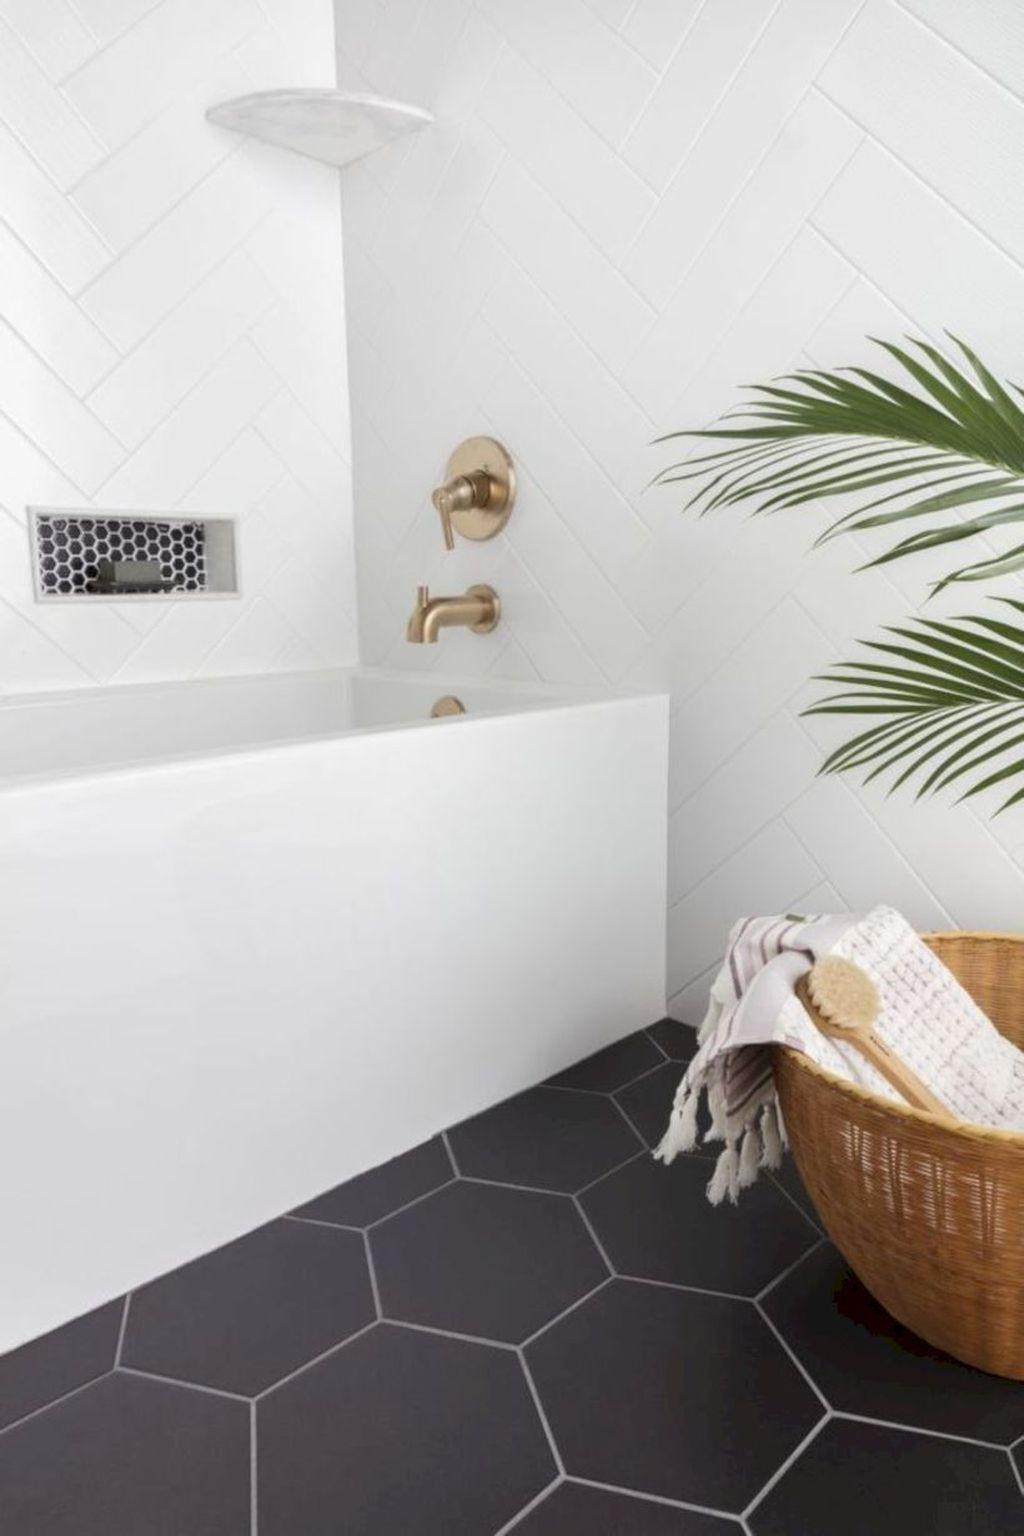 31 Inspiring Bathroom Tile Ideas In 2020 White Bathroom Tiles Stylish Bathroom Bathroom Design